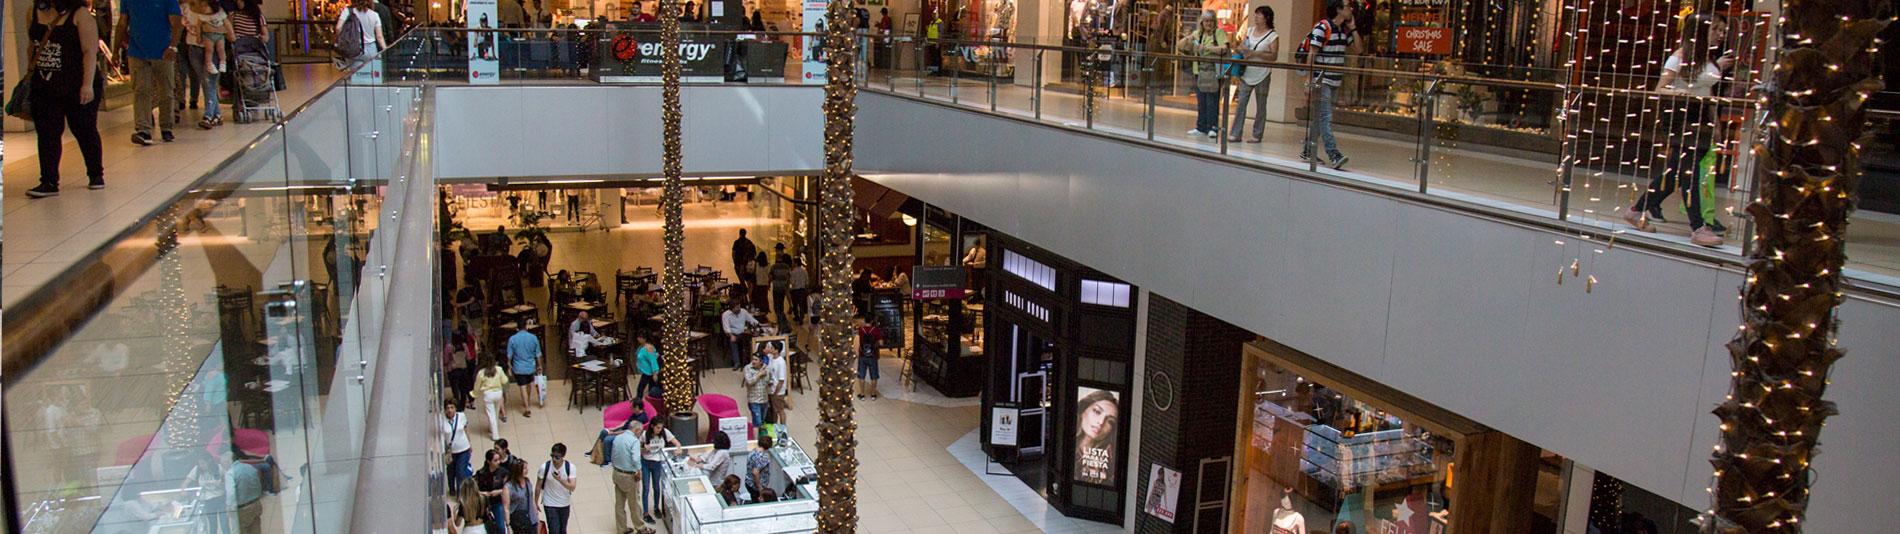 Centros comerciales santiago chile homeurbano for Centros comerciales en santiago de chile